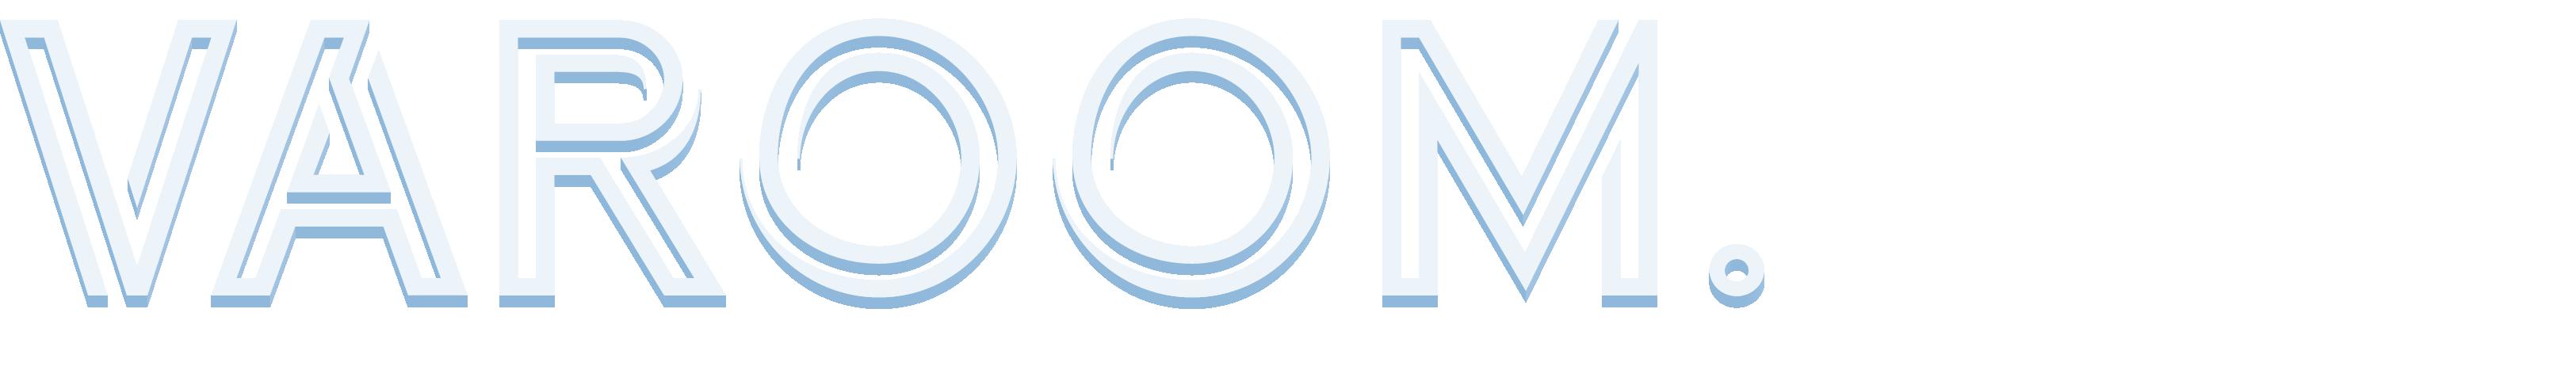 Varoom.Media logo text